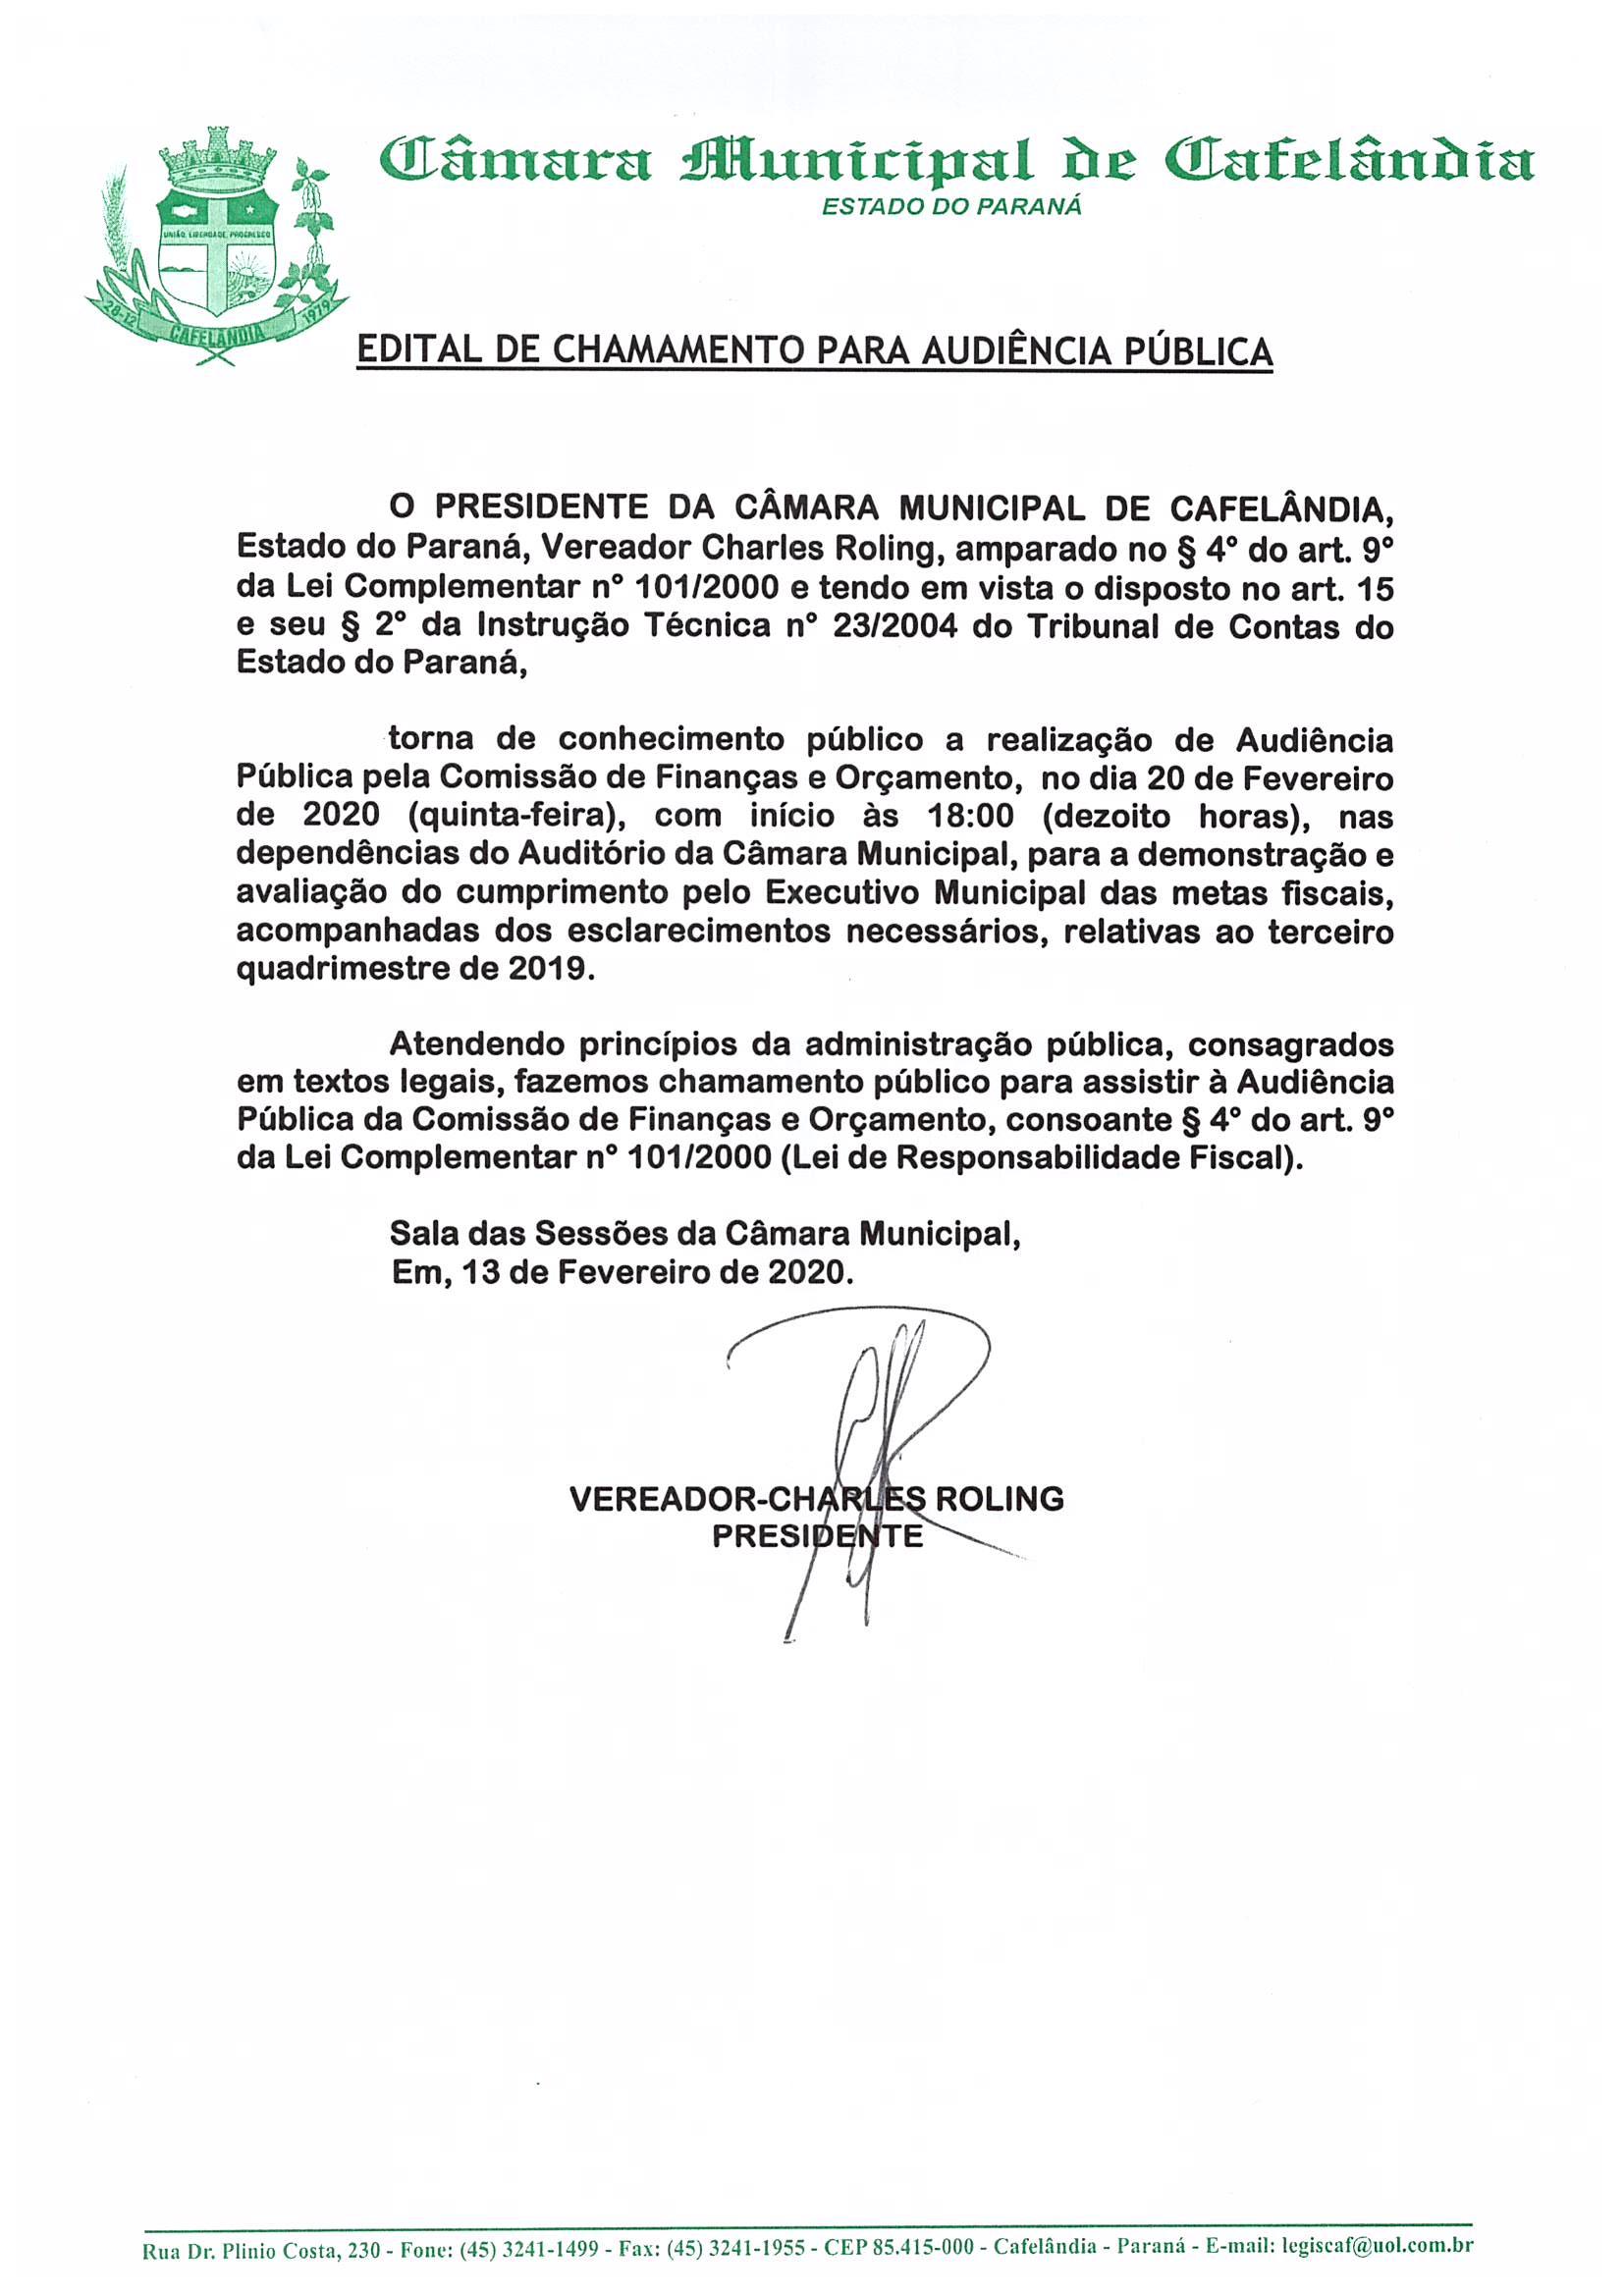 Edital de Chamamento para Audiência Pública da Comissão de Finanças e Orçamento do dia 20 de Fevereiro de 2020 às 18:00 Horas.